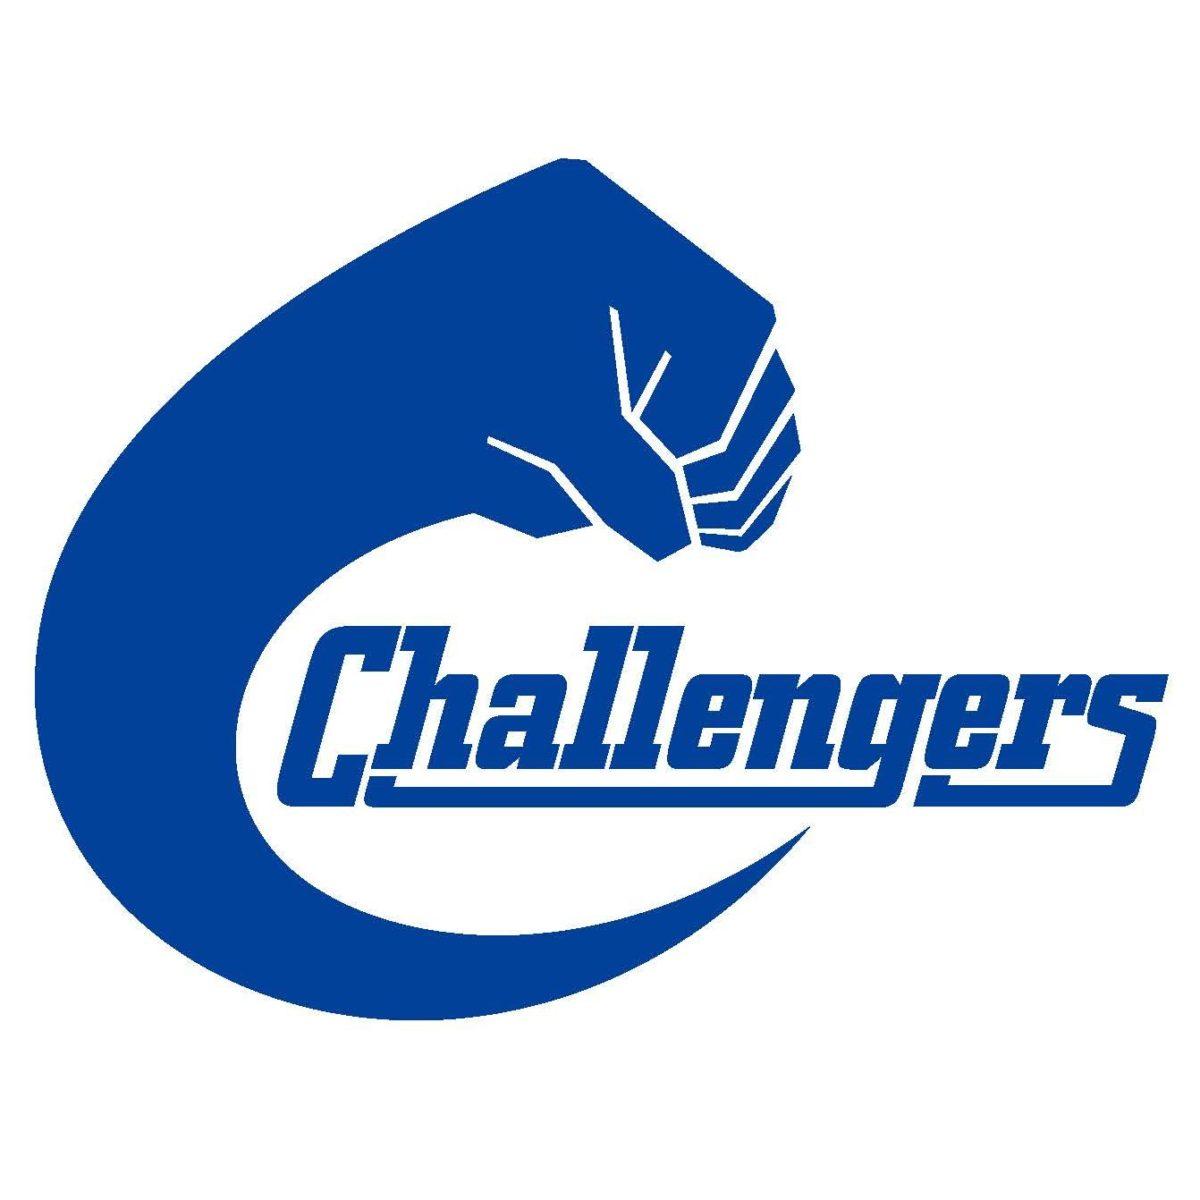 2020年10月 アサヒ飲料クラブチャレンジャーズ公式チームソング『挑戦者よ』楽曲制作